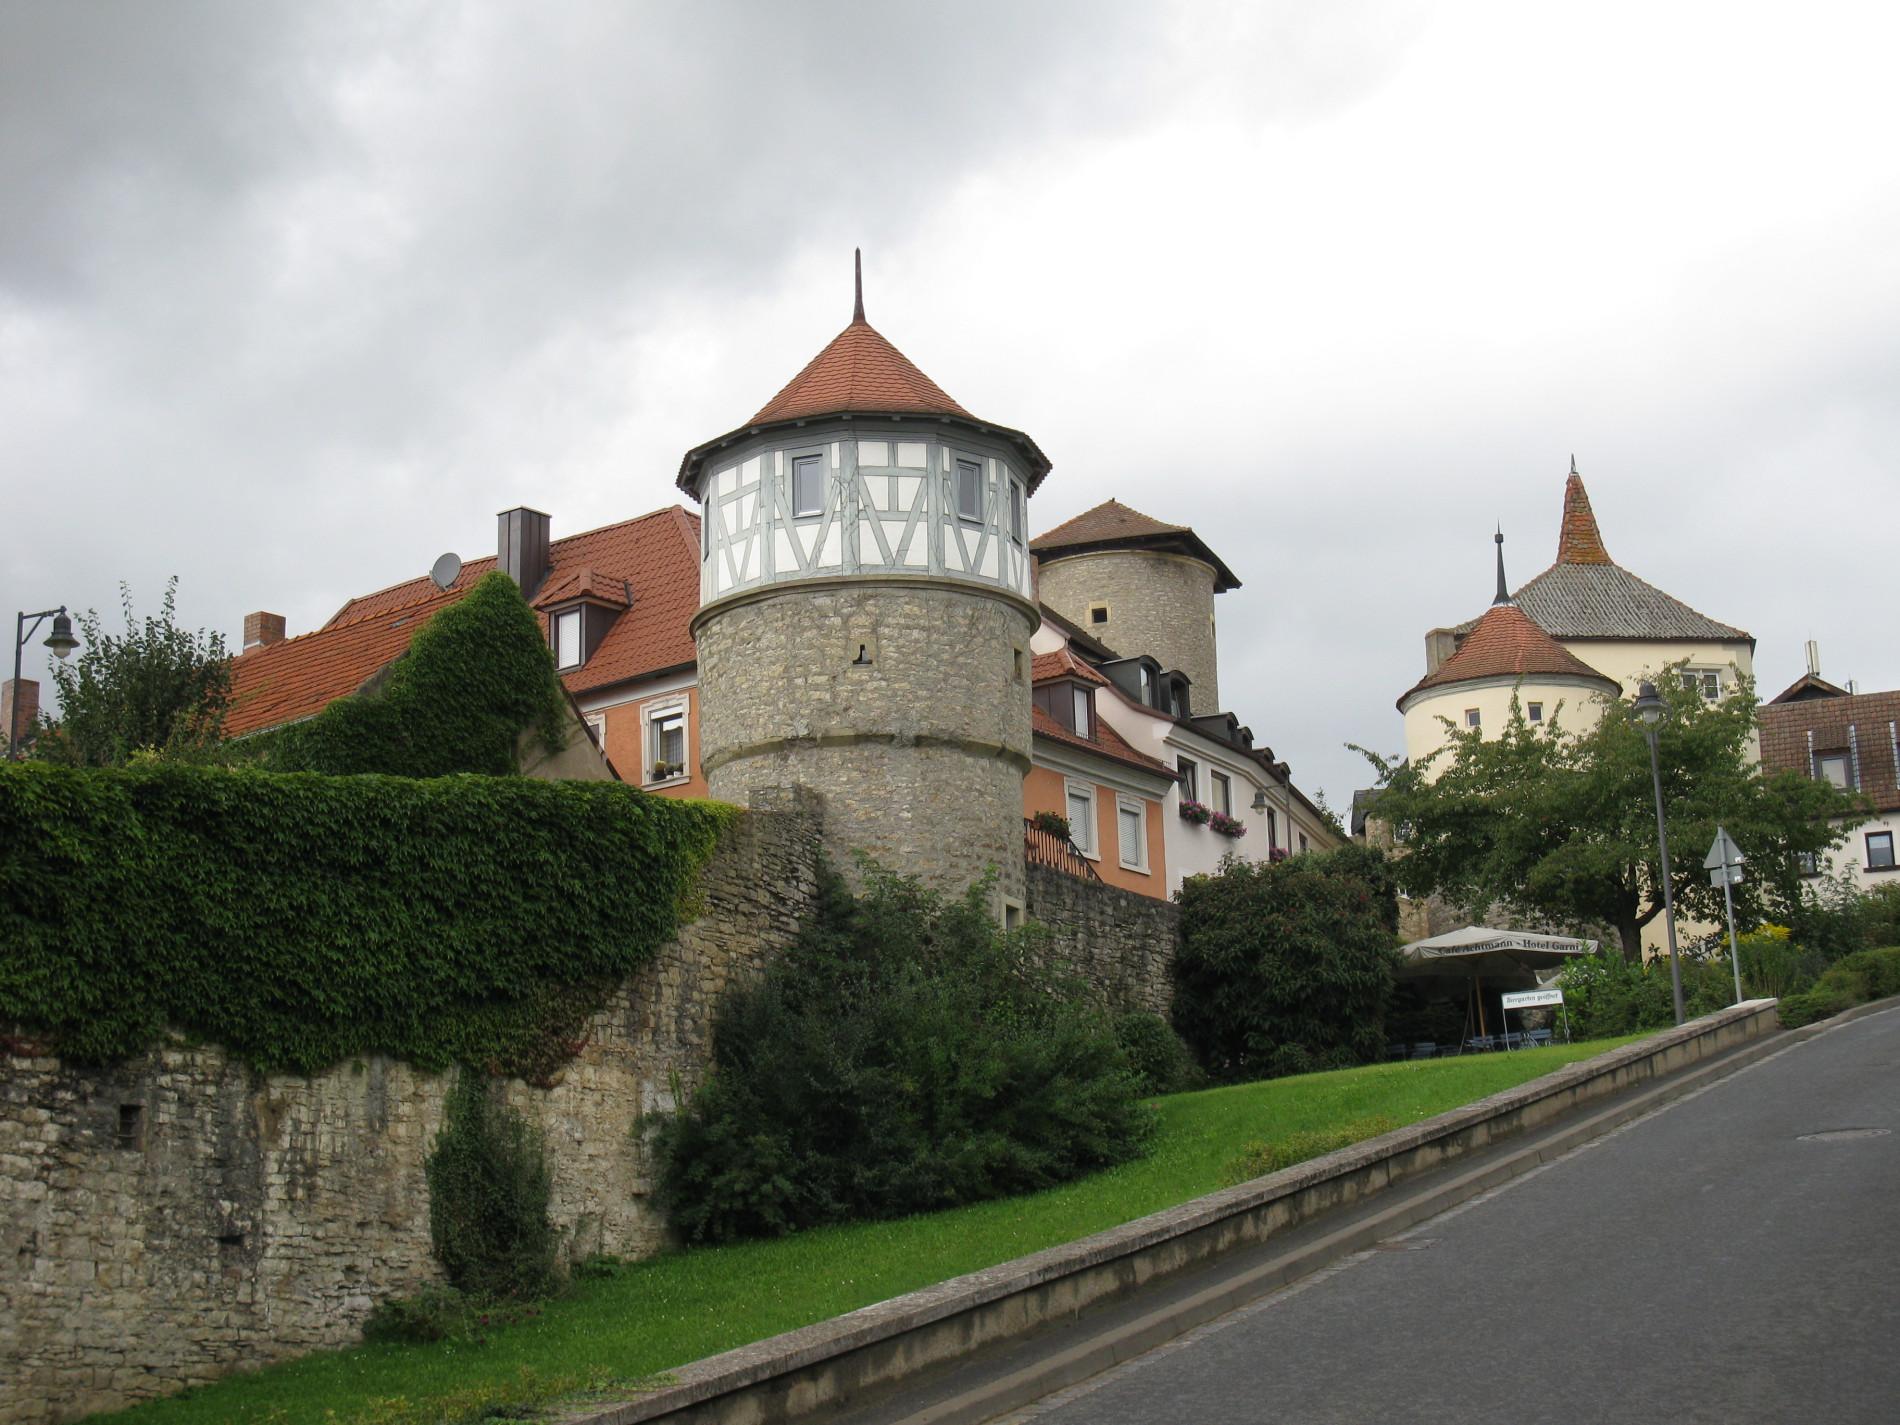 Dettelbach Stadtmauer